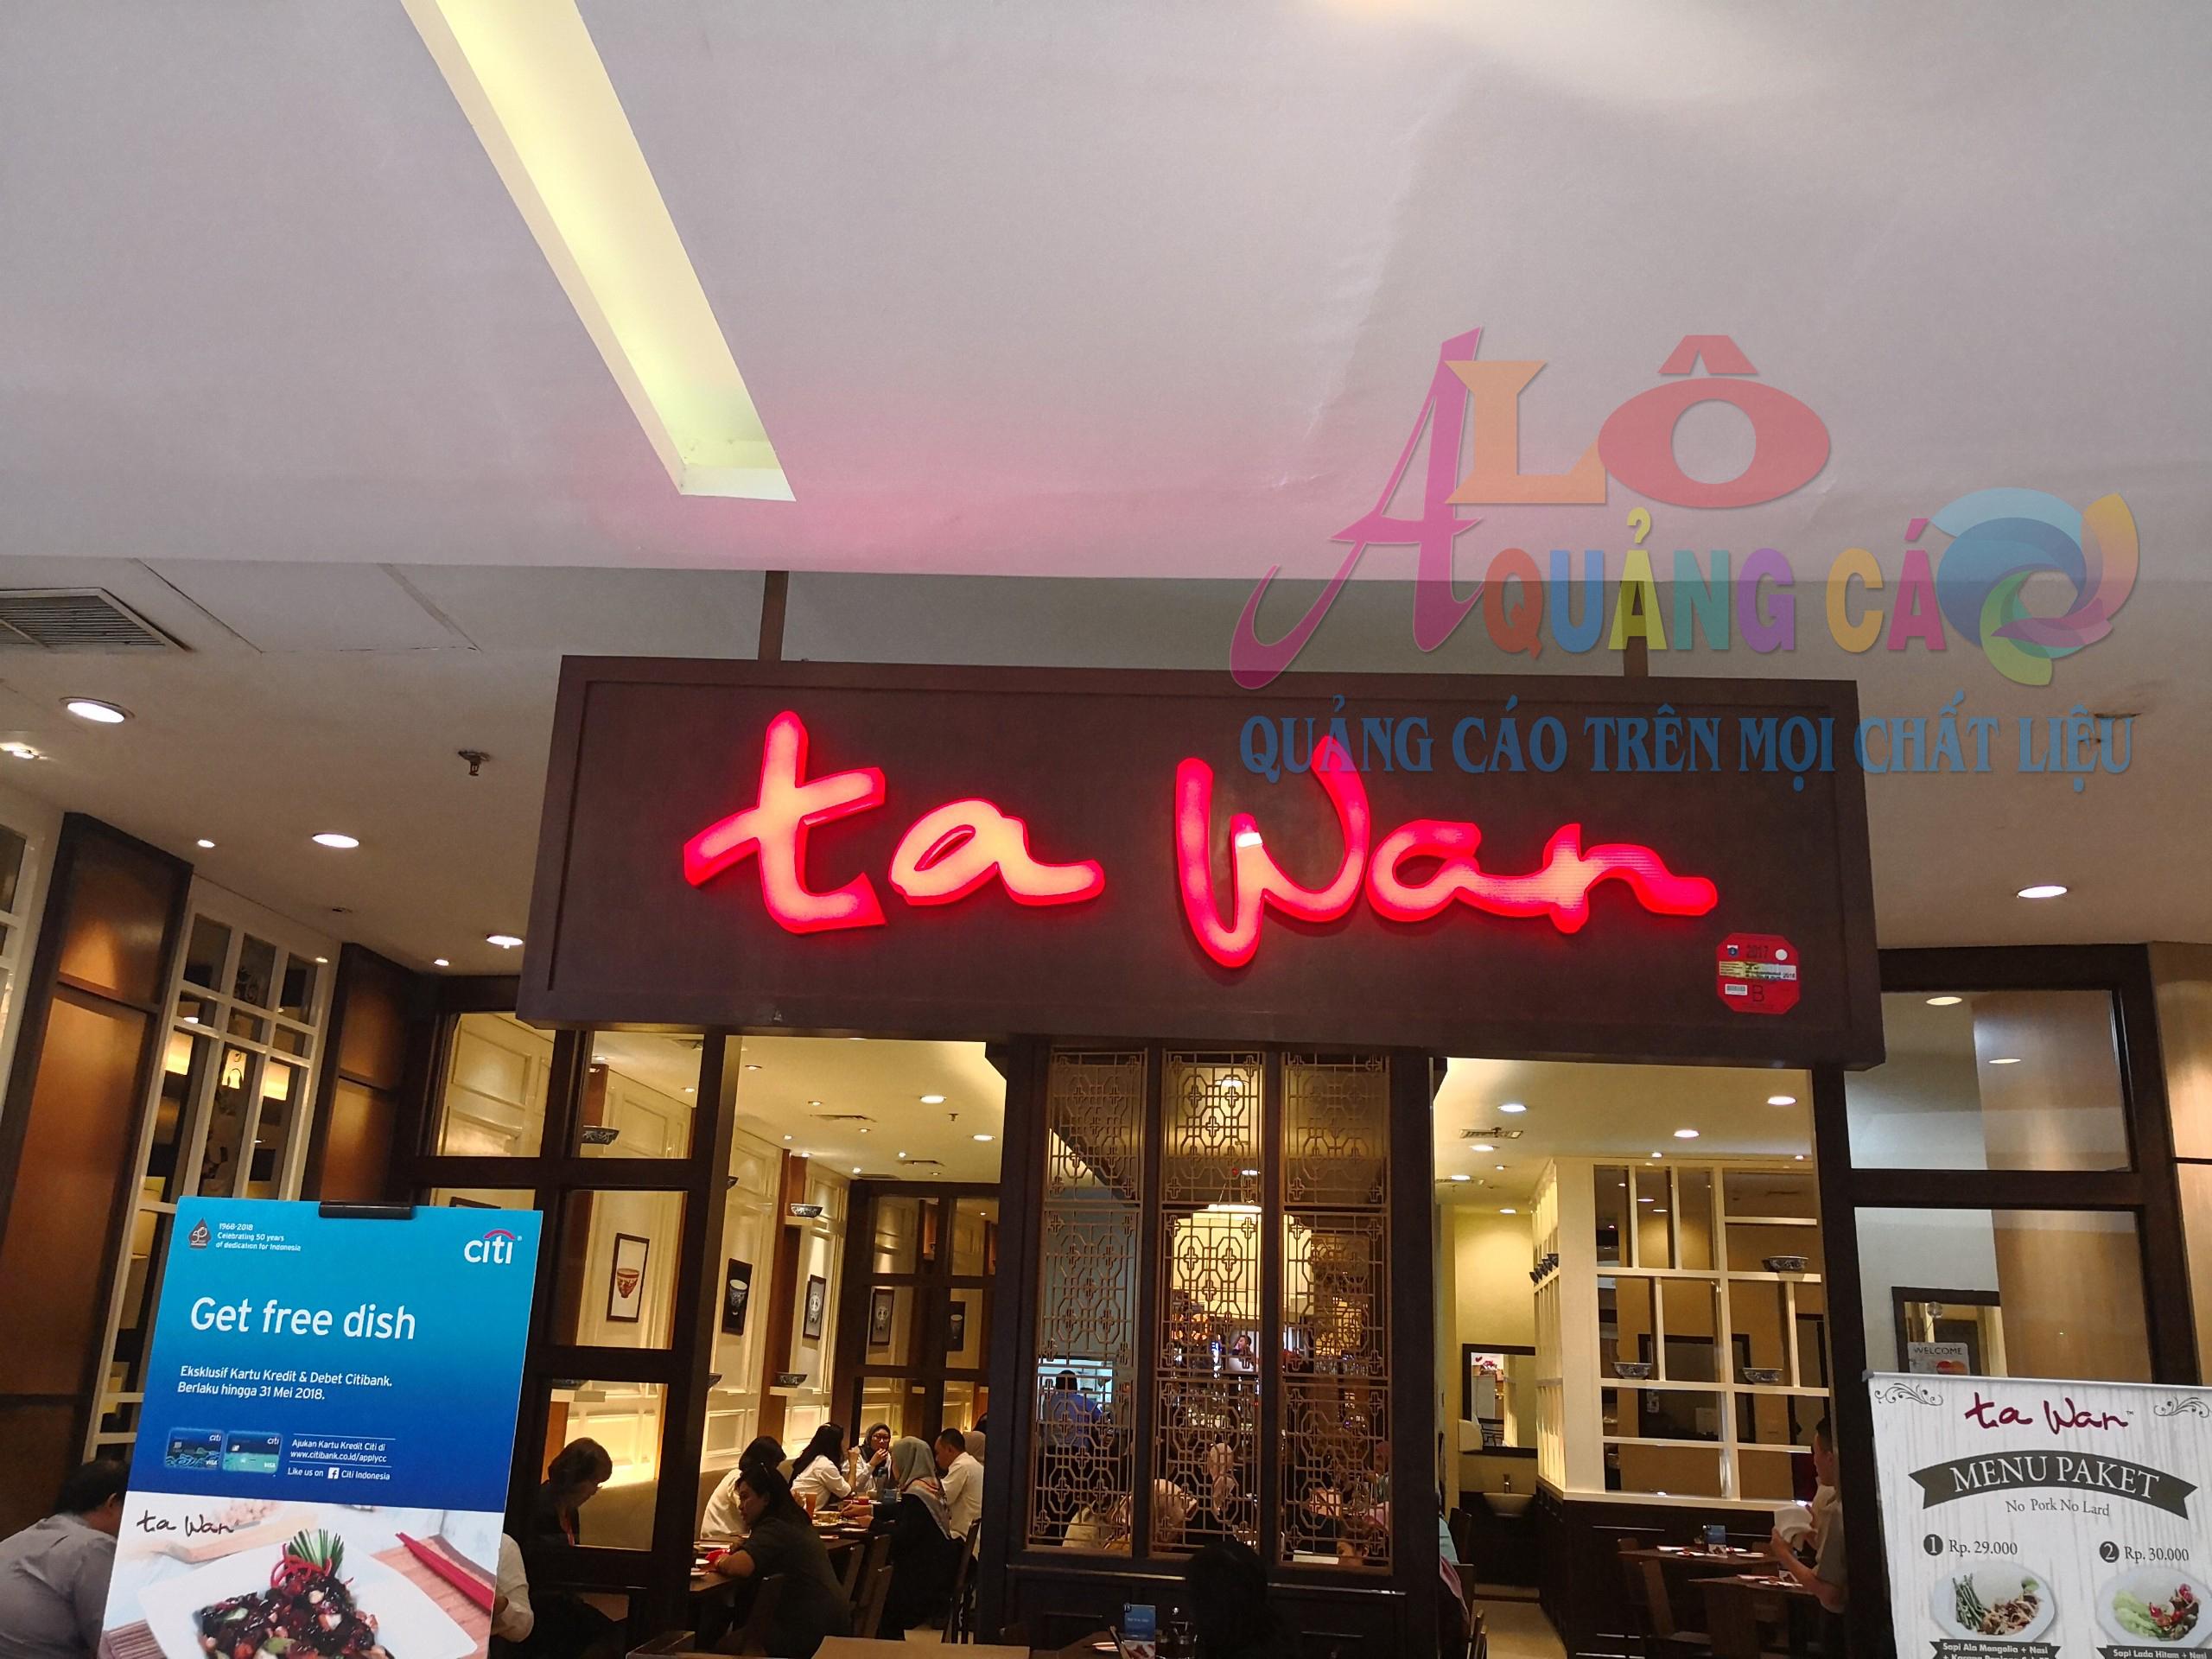 Tawa sang trọng với chữ nổi mica led sáng mặt chữ và chân chữ